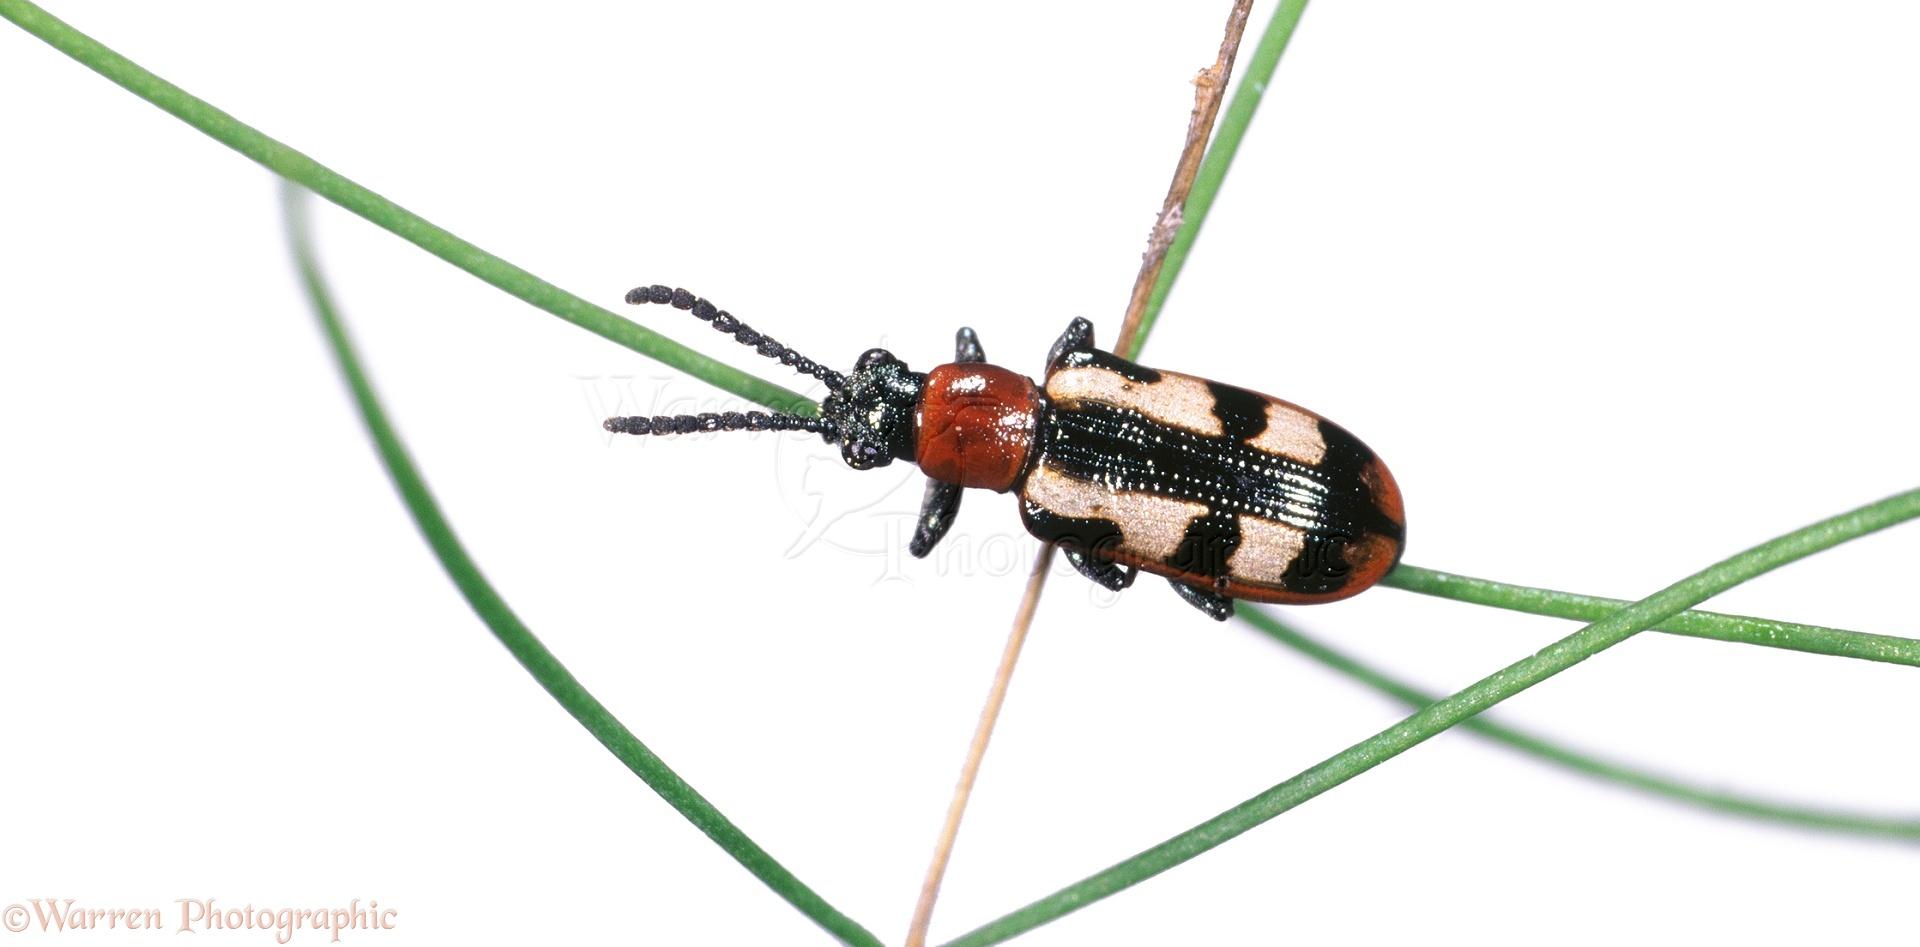 Asparagus Beetle Control: Asparagus Beetle Photo WP04638